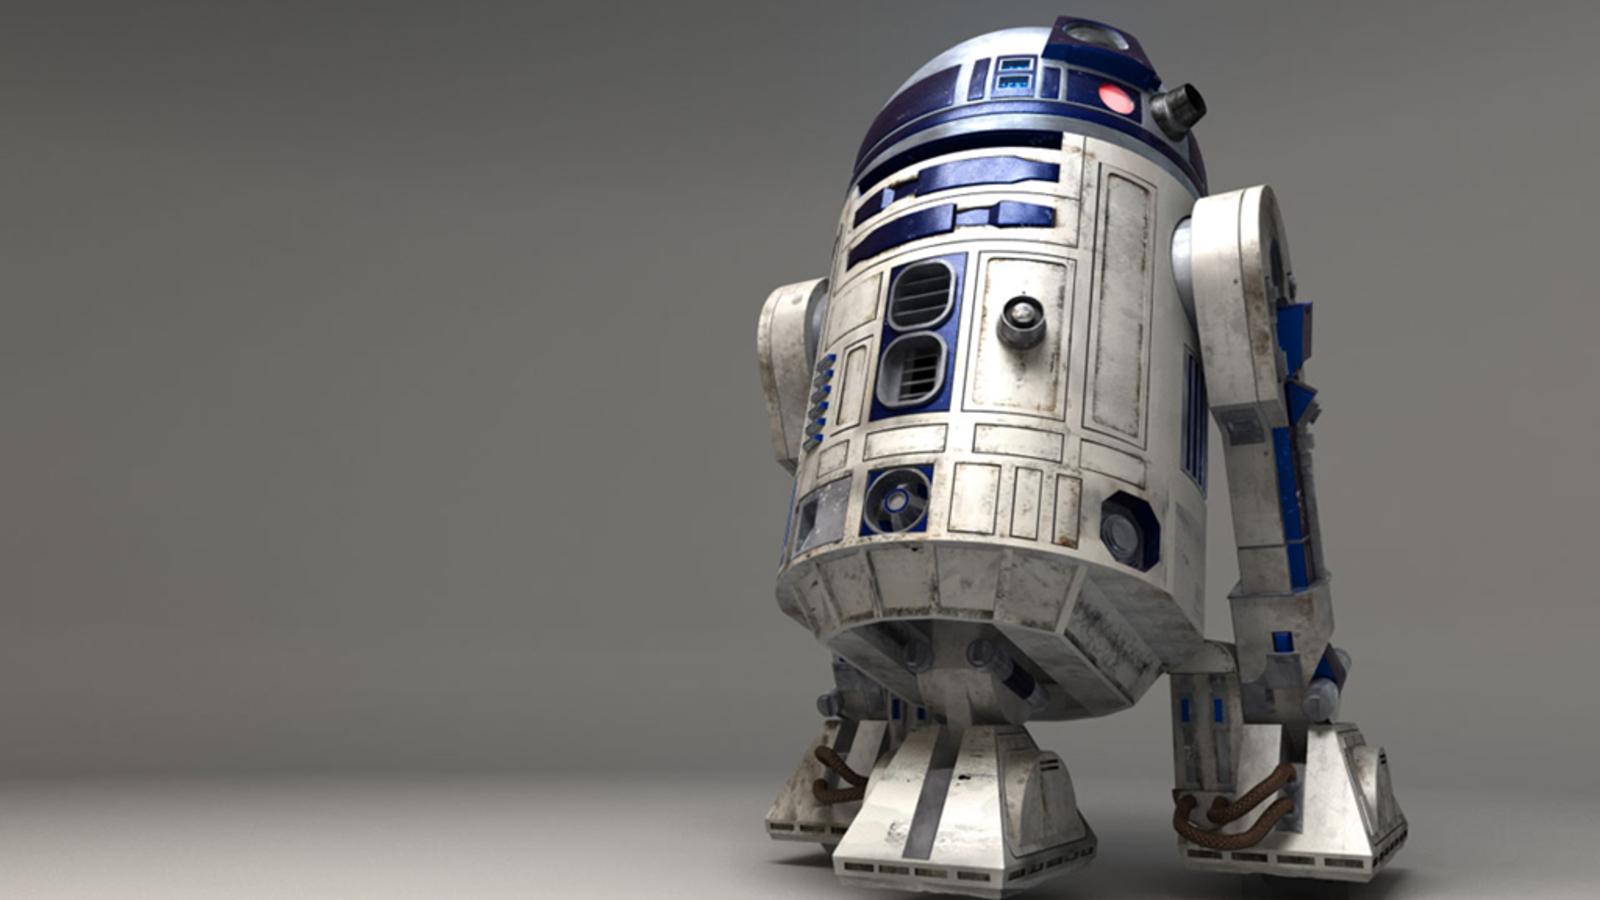 Star Wars Wallpaper 1600x900 Star Wars CGI R2D2 3D 1600x900